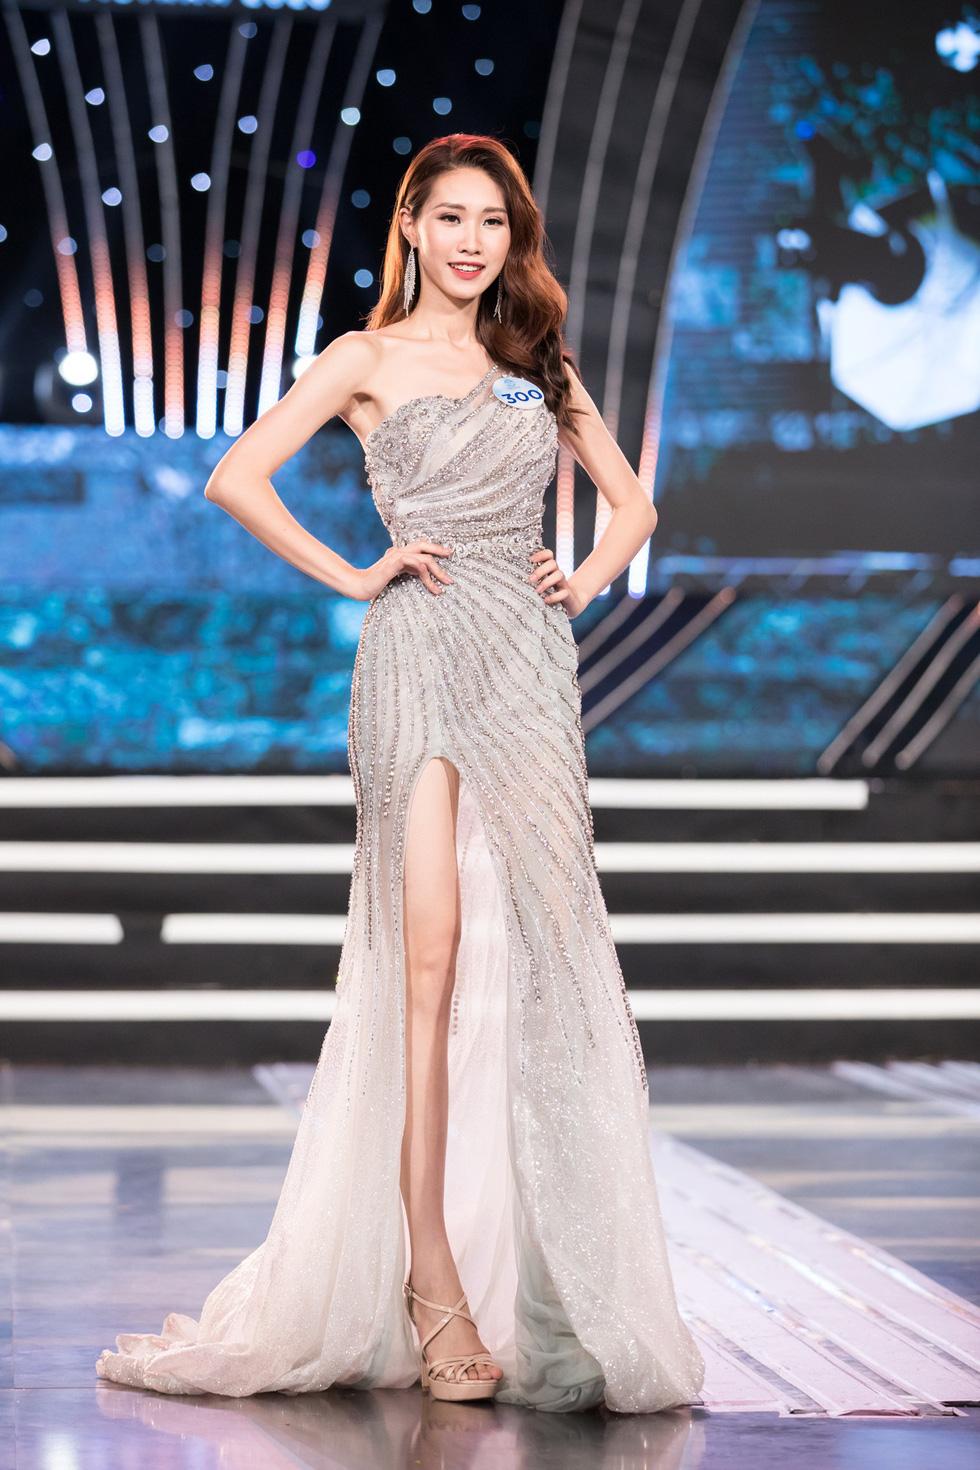 Nhan sắc 20 thí sinh đẹp nhất phía Bắc vào chung kết Miss World Việt Nam 2019 - Ảnh 9.